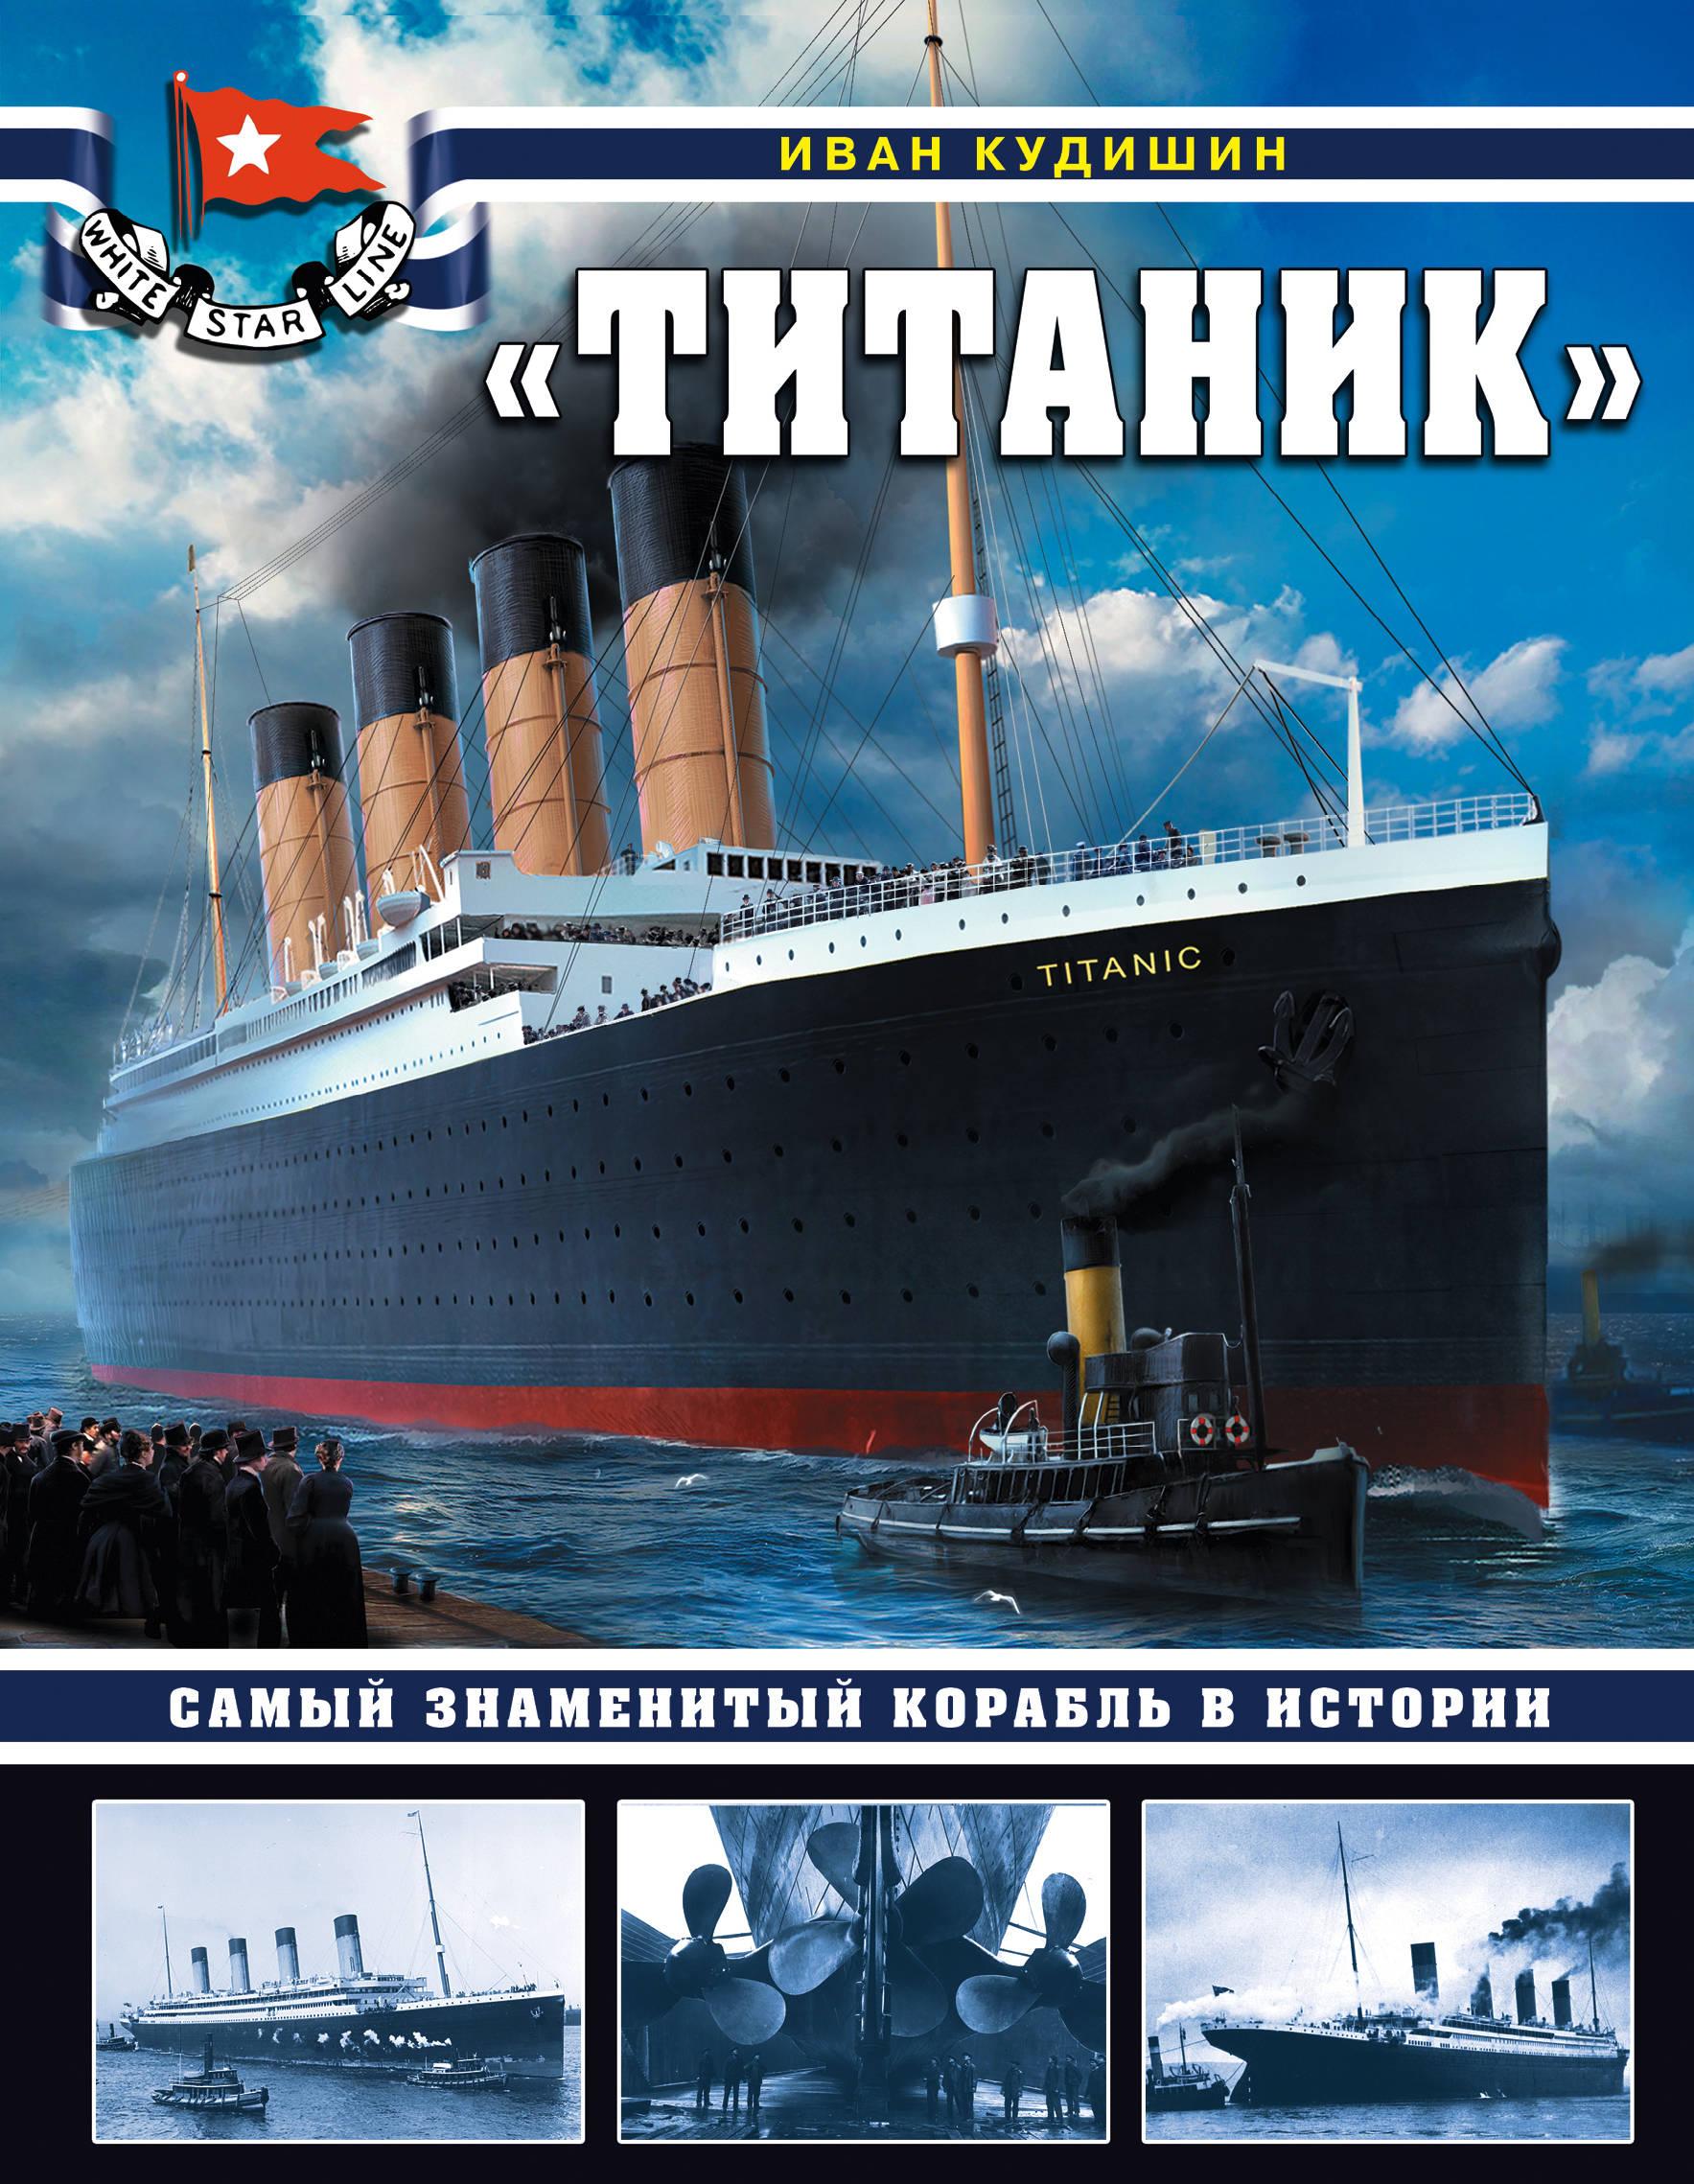 """""""Titanik"""". Samyj znamenityj korabl v istorii"""